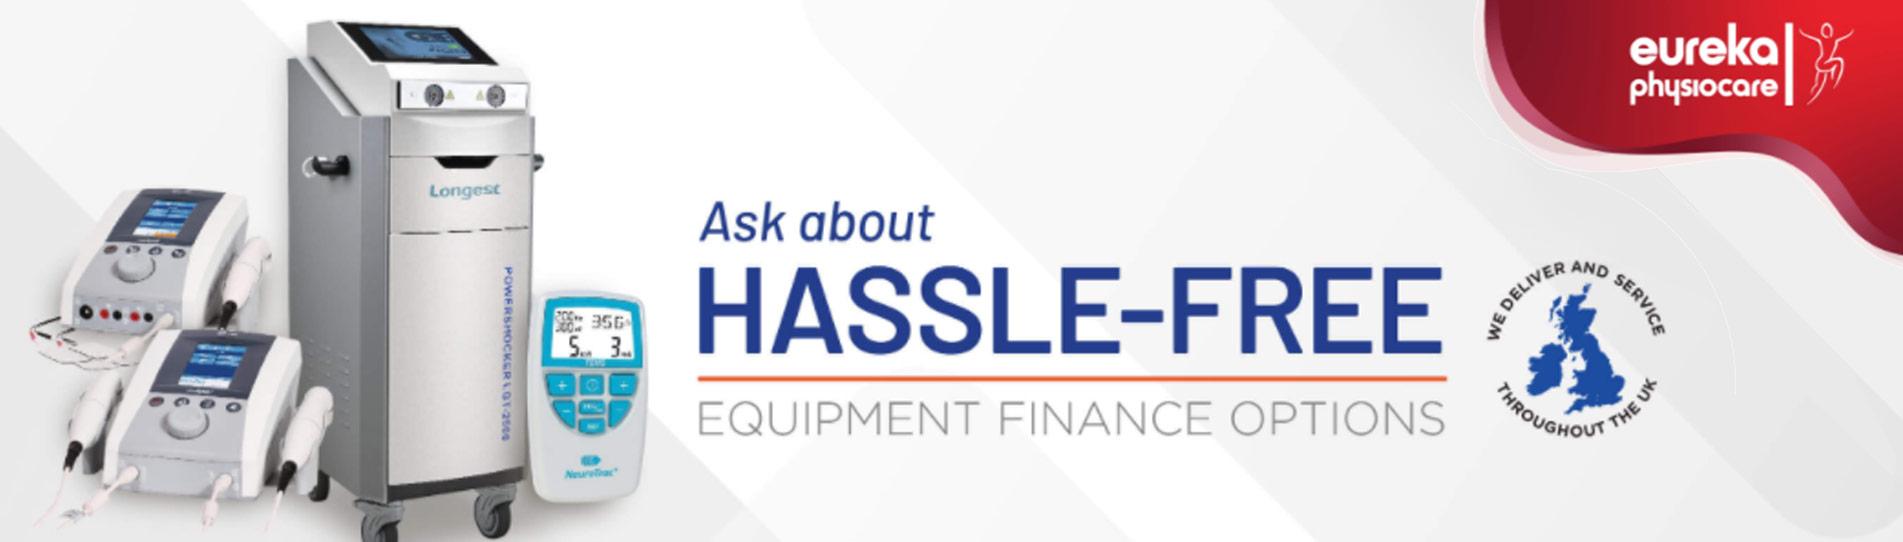 physio equipment finance